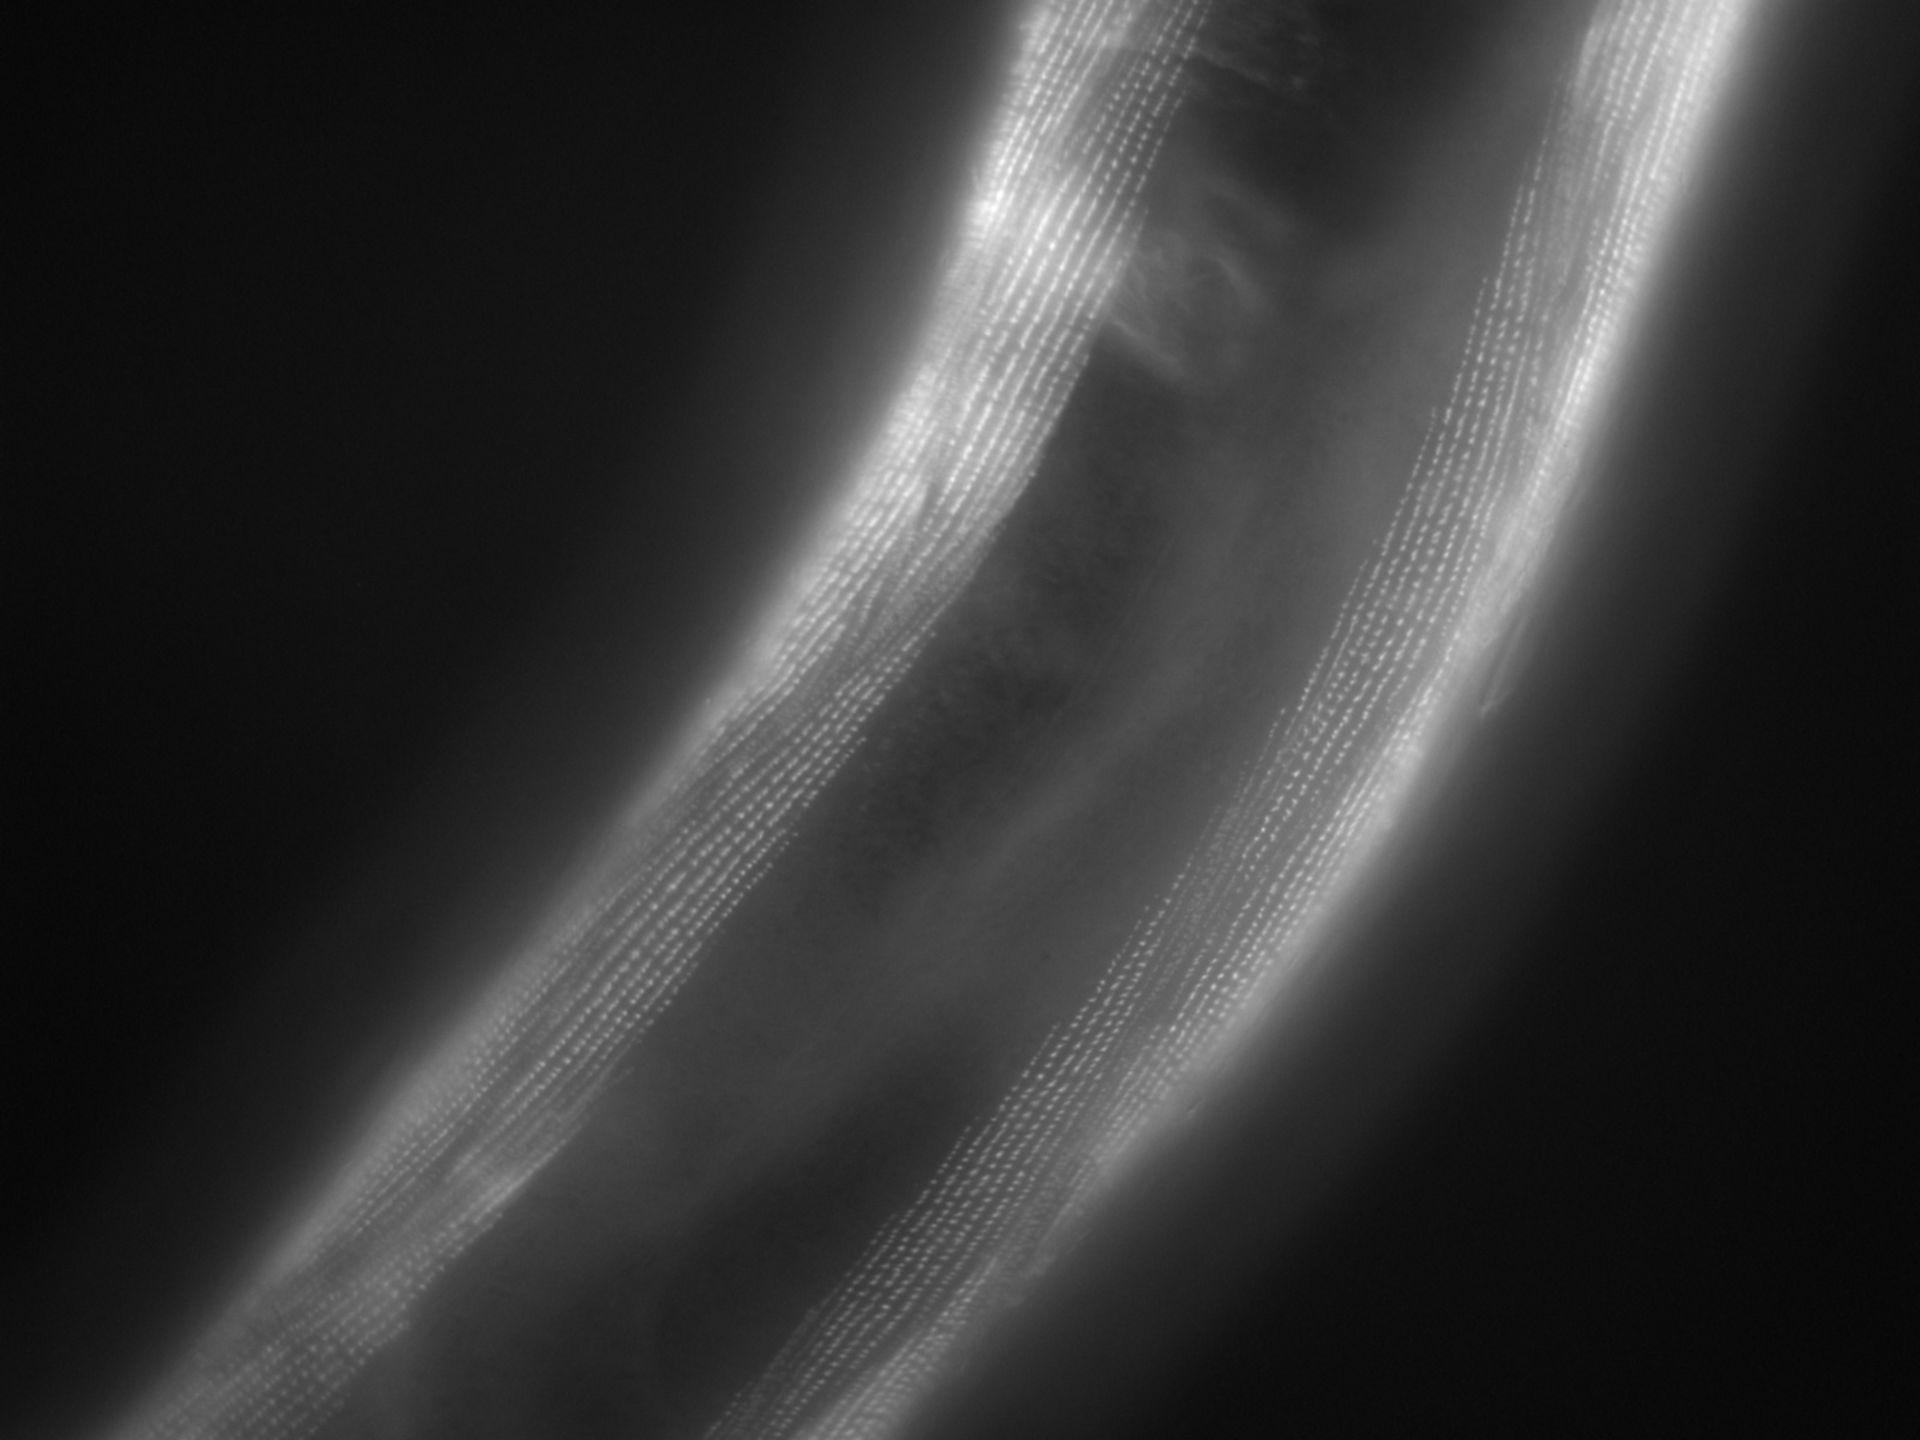 Caenorhabditis elegans (Actin filament) - CIL:1193